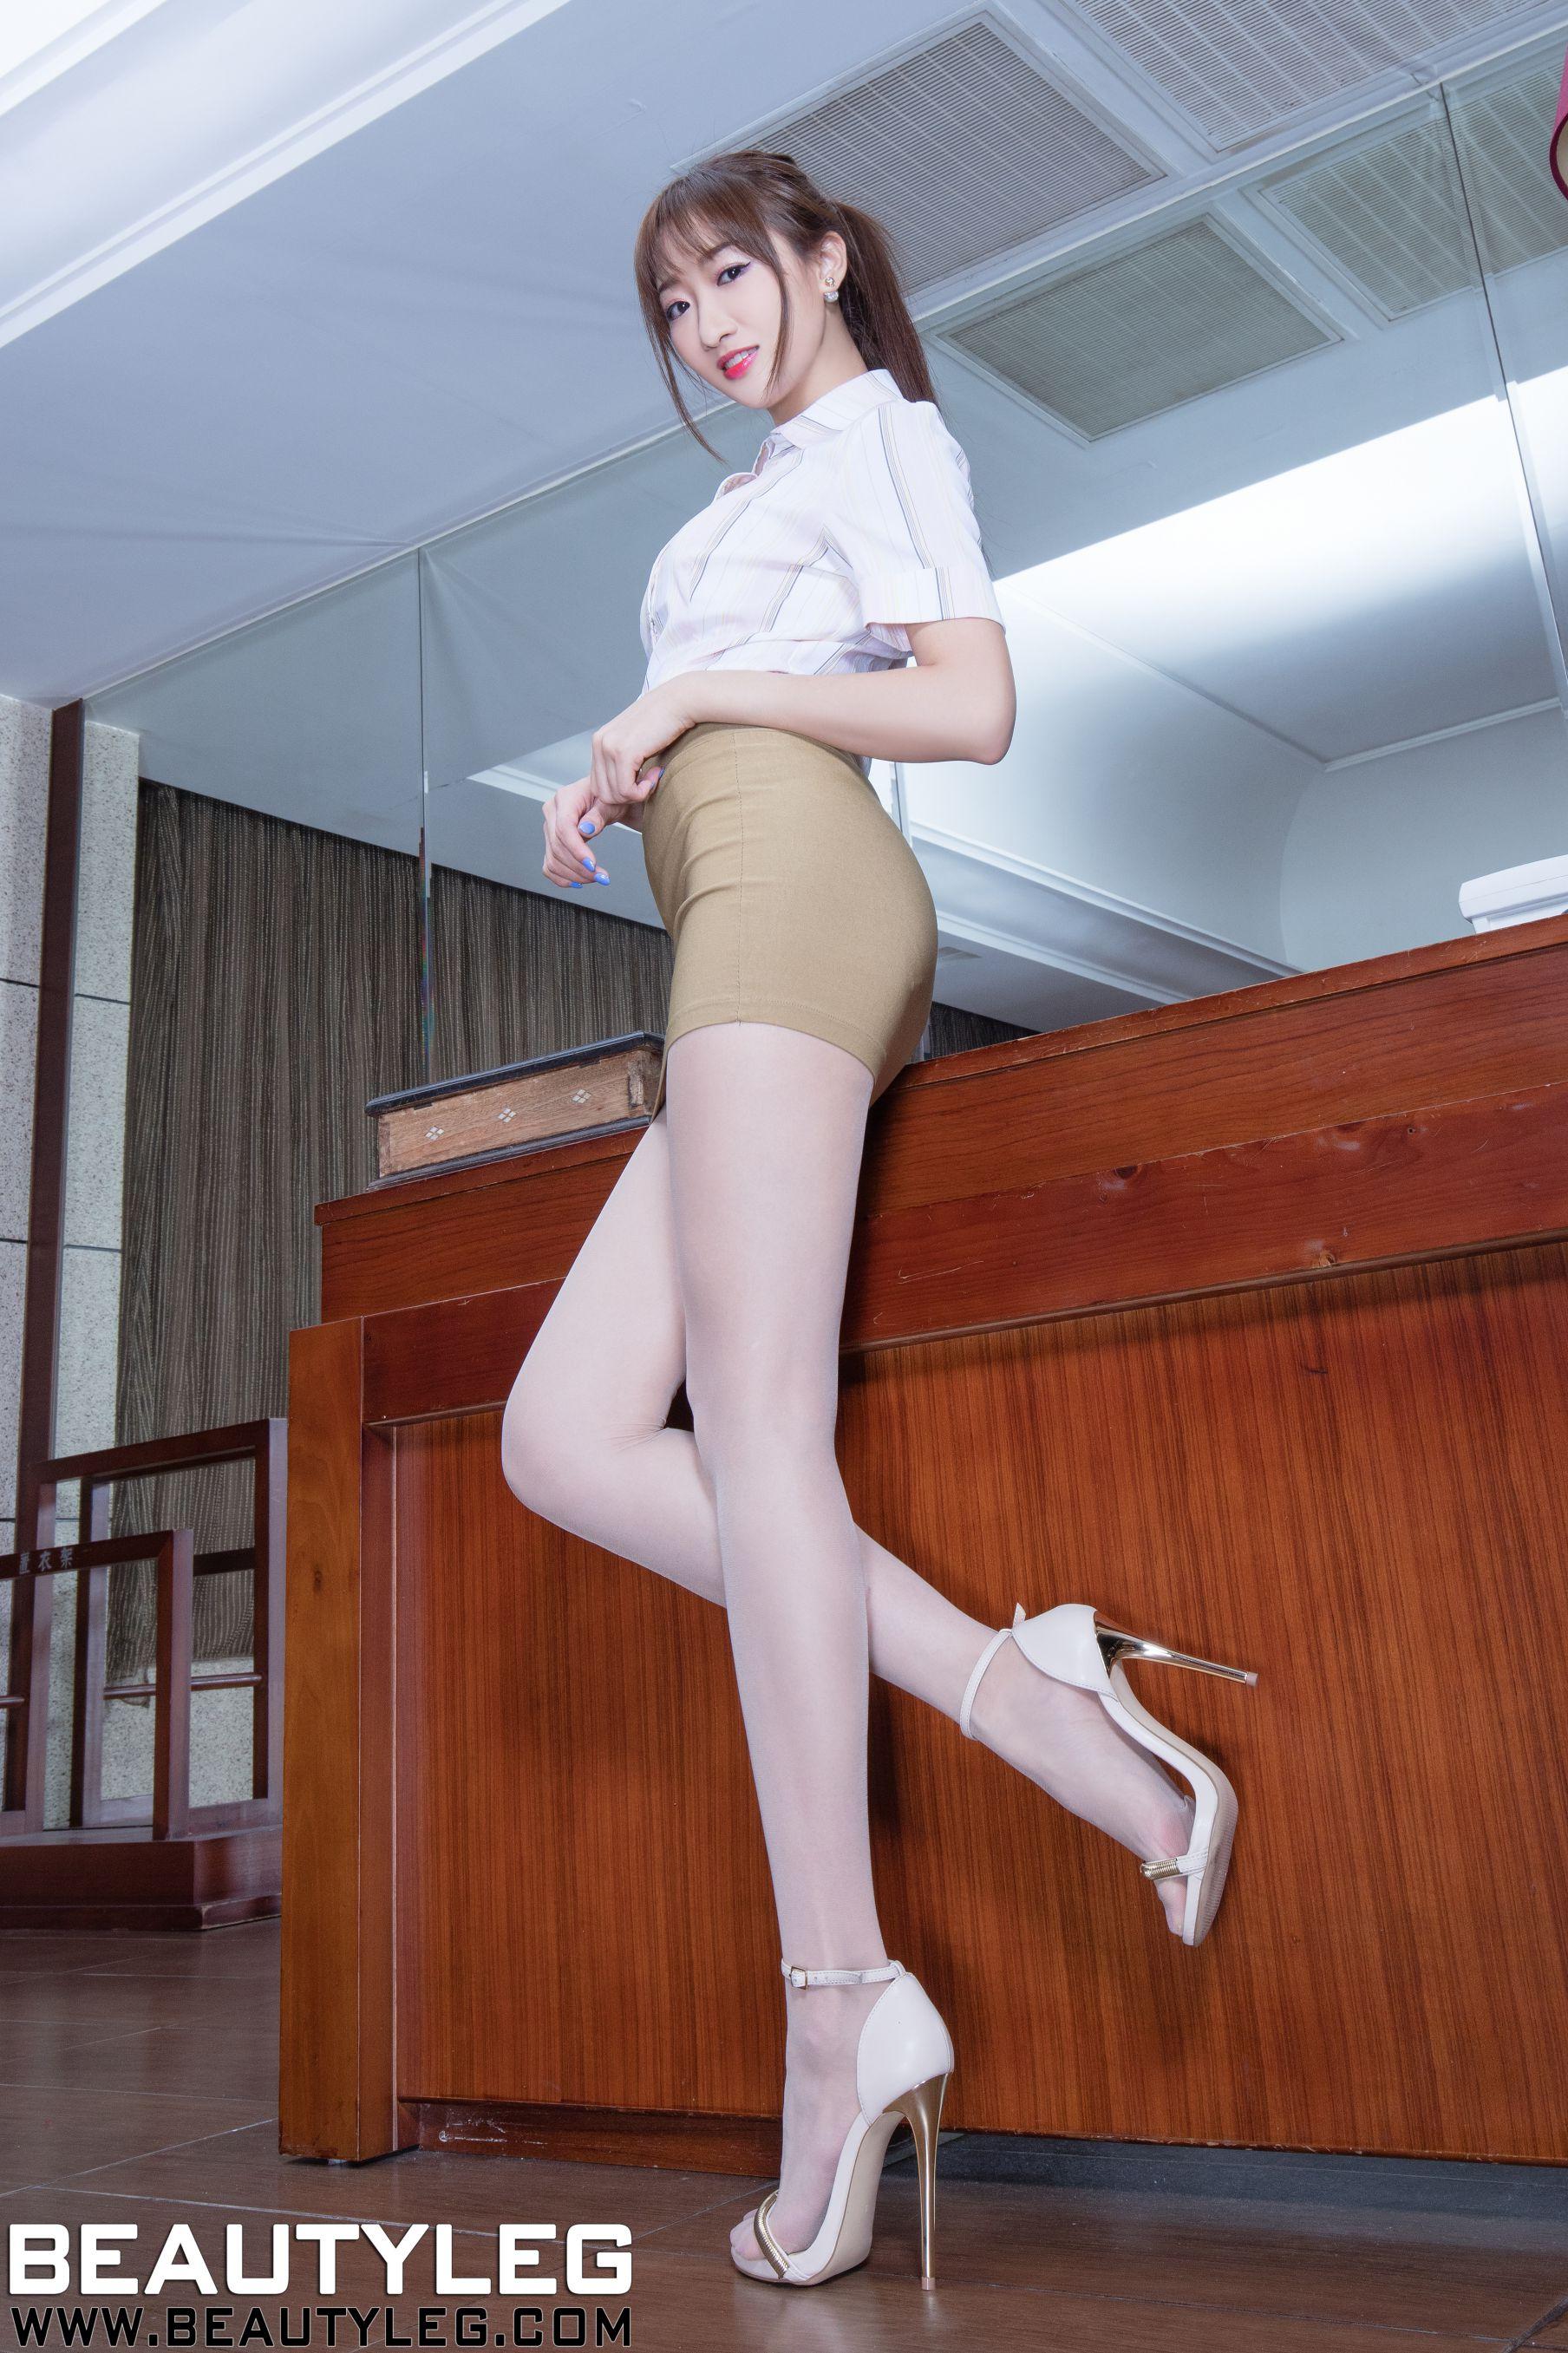 VOL.1651 [Beautyleg]高跟美腿:腿模Minnie(Minnie)高品质写真套图(41P)